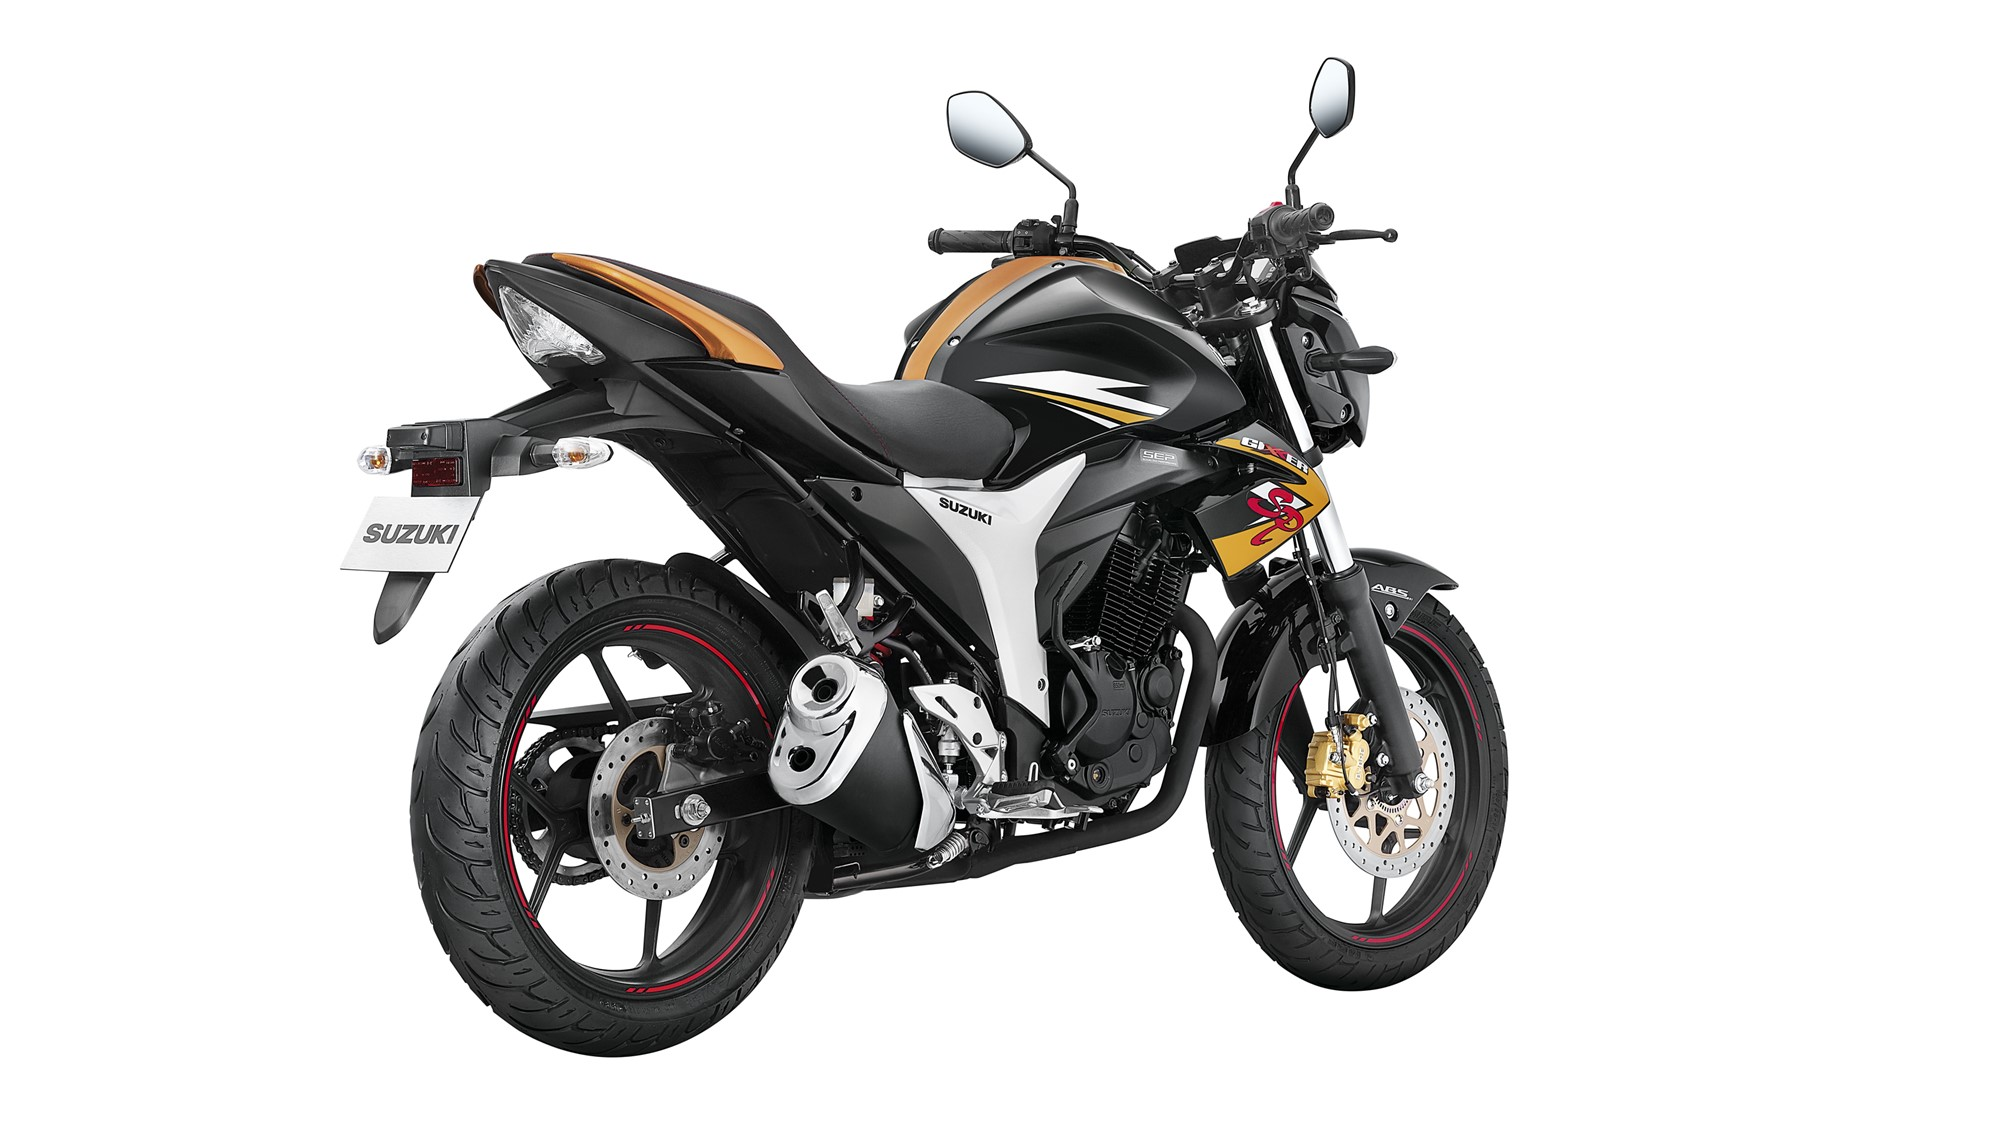 New 2018 Suzuki Gixxer SP edition